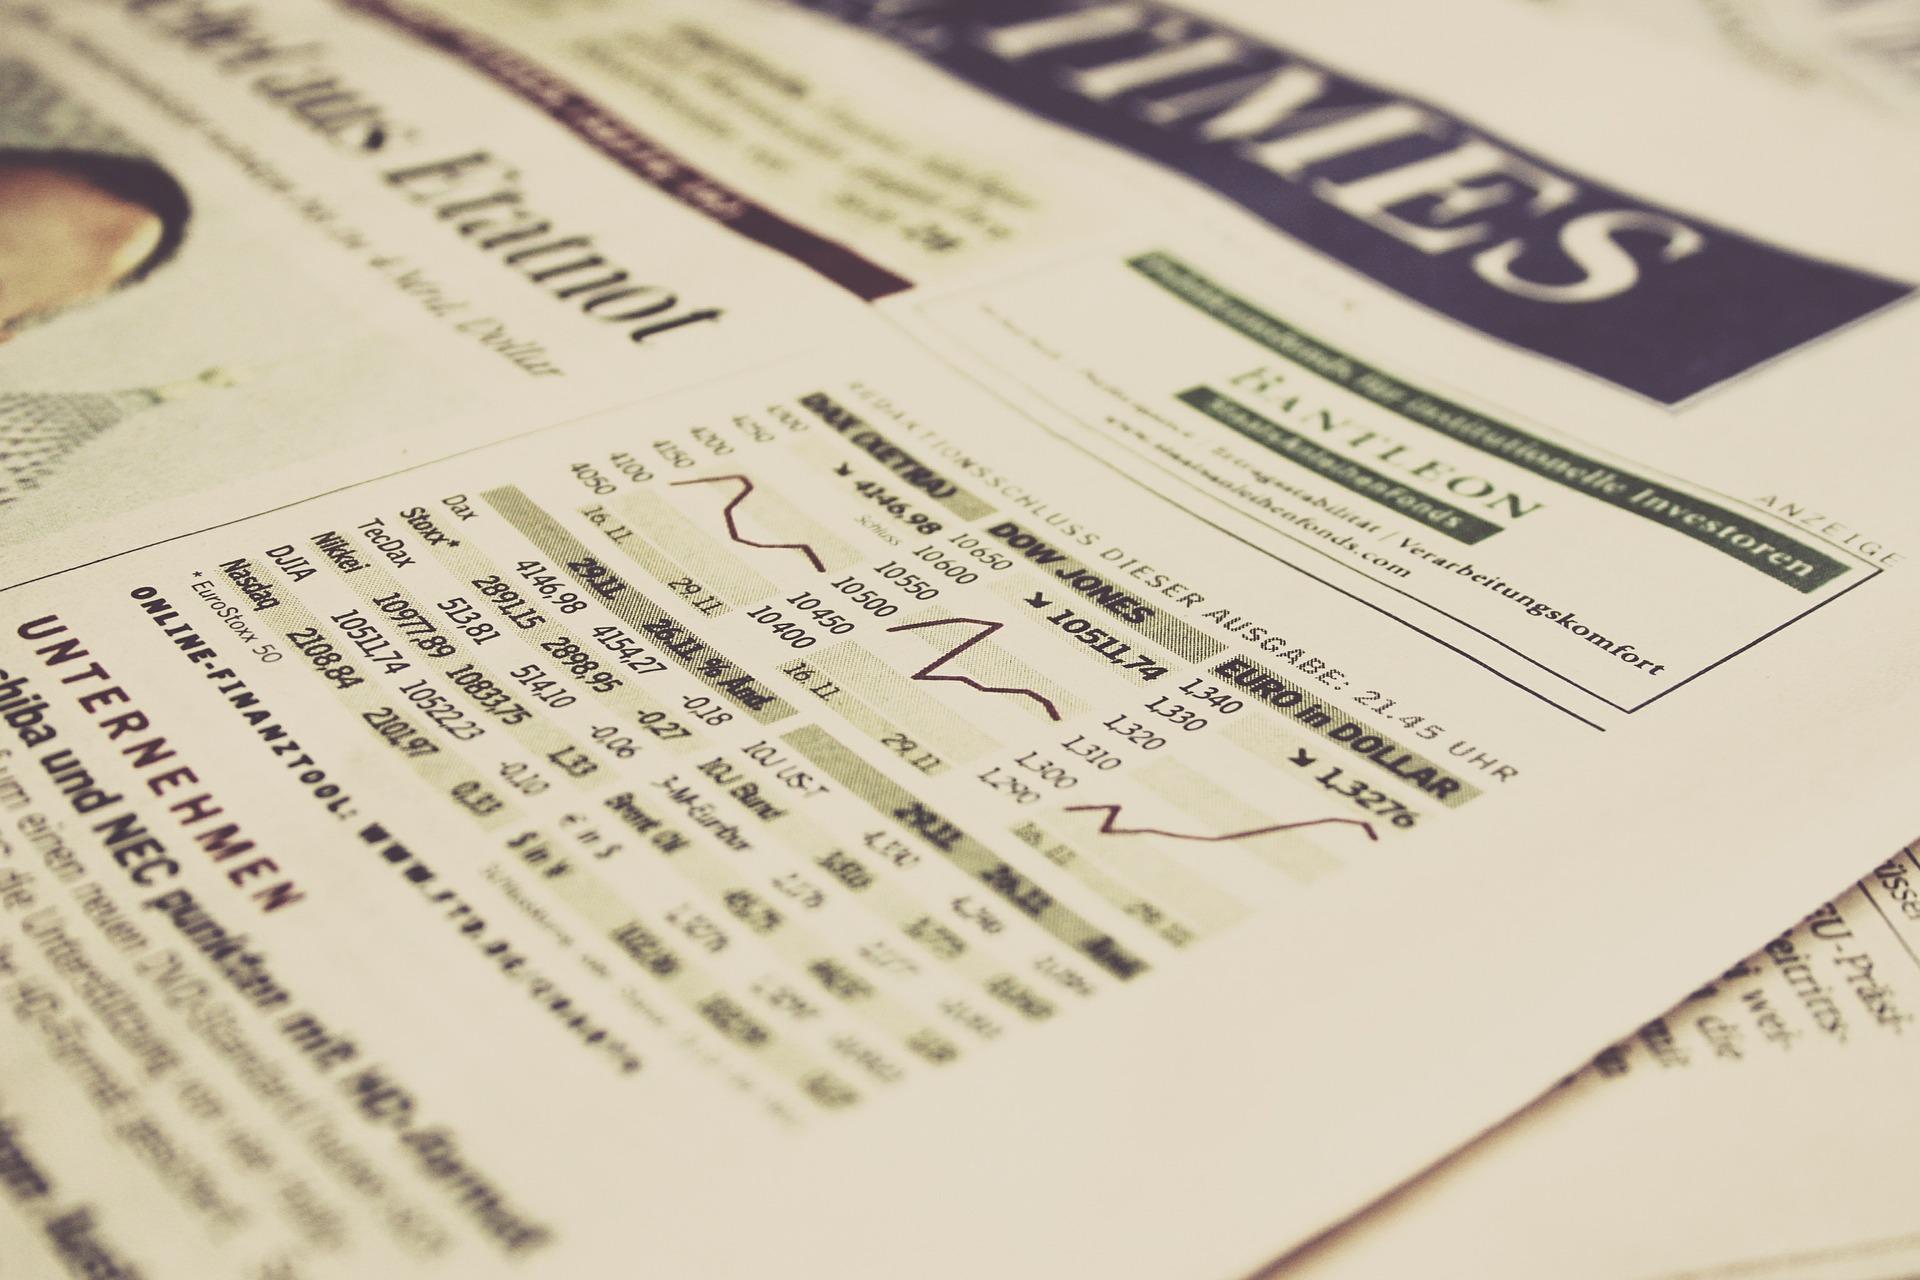 Eine Börsenzeitung mit Charts